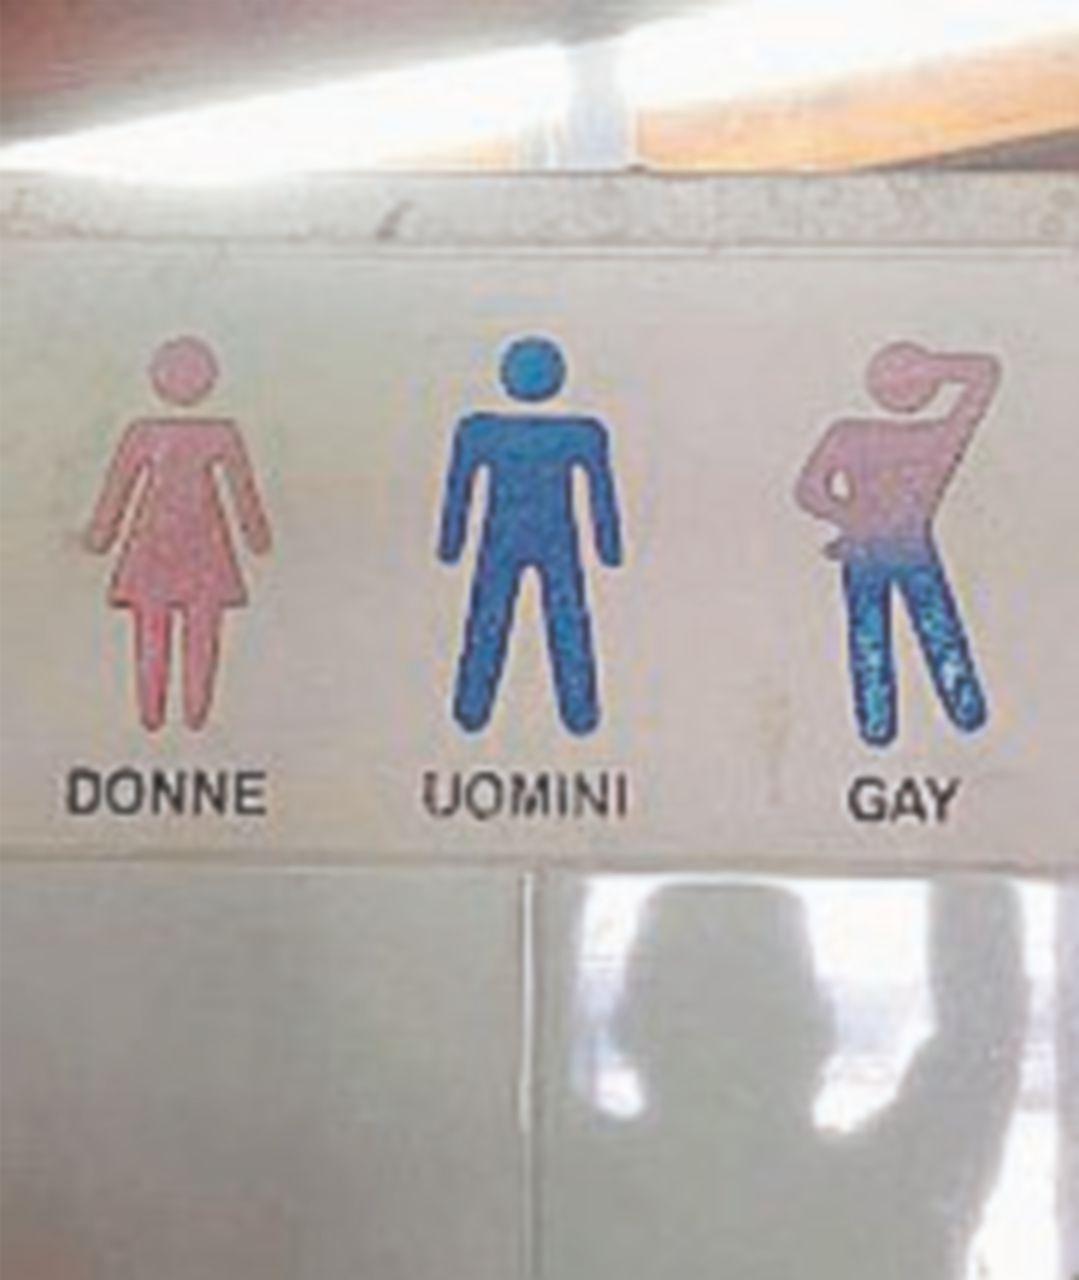 Bagni per lui, per lei e per gay: insorge la comunità Lgbt leccese